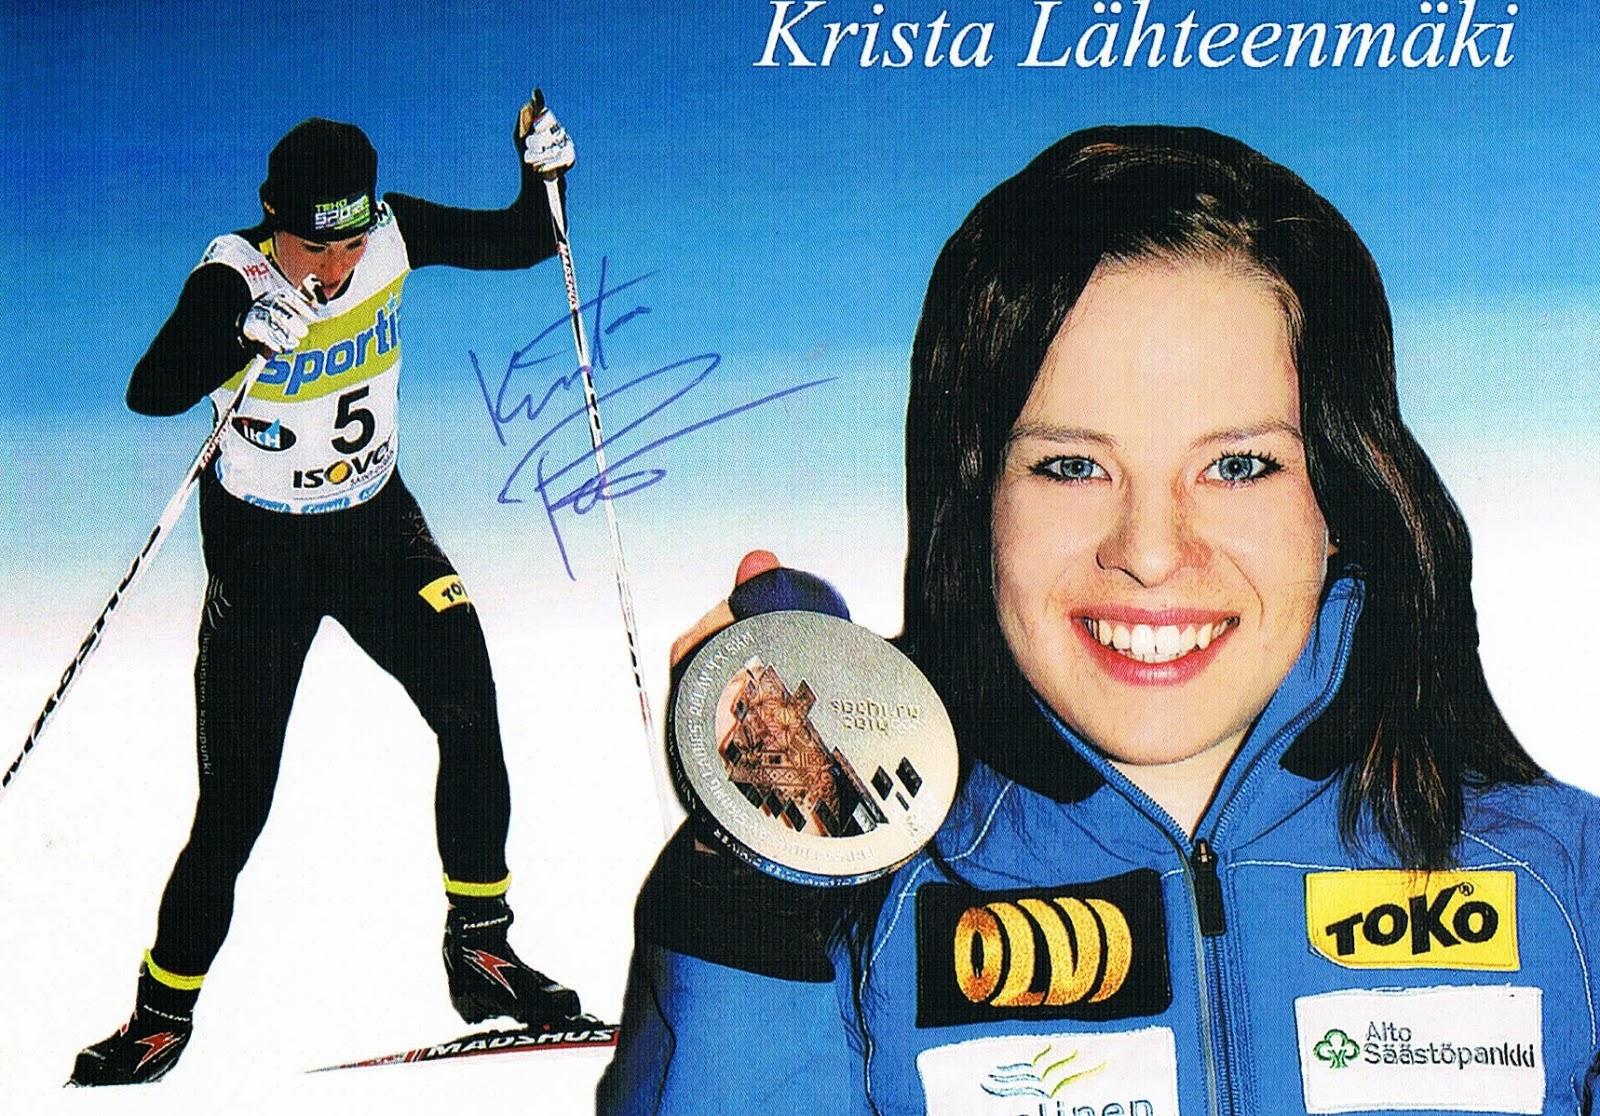 Autografy MP: 55. Krista Parmakoski (Lähteenmäki)